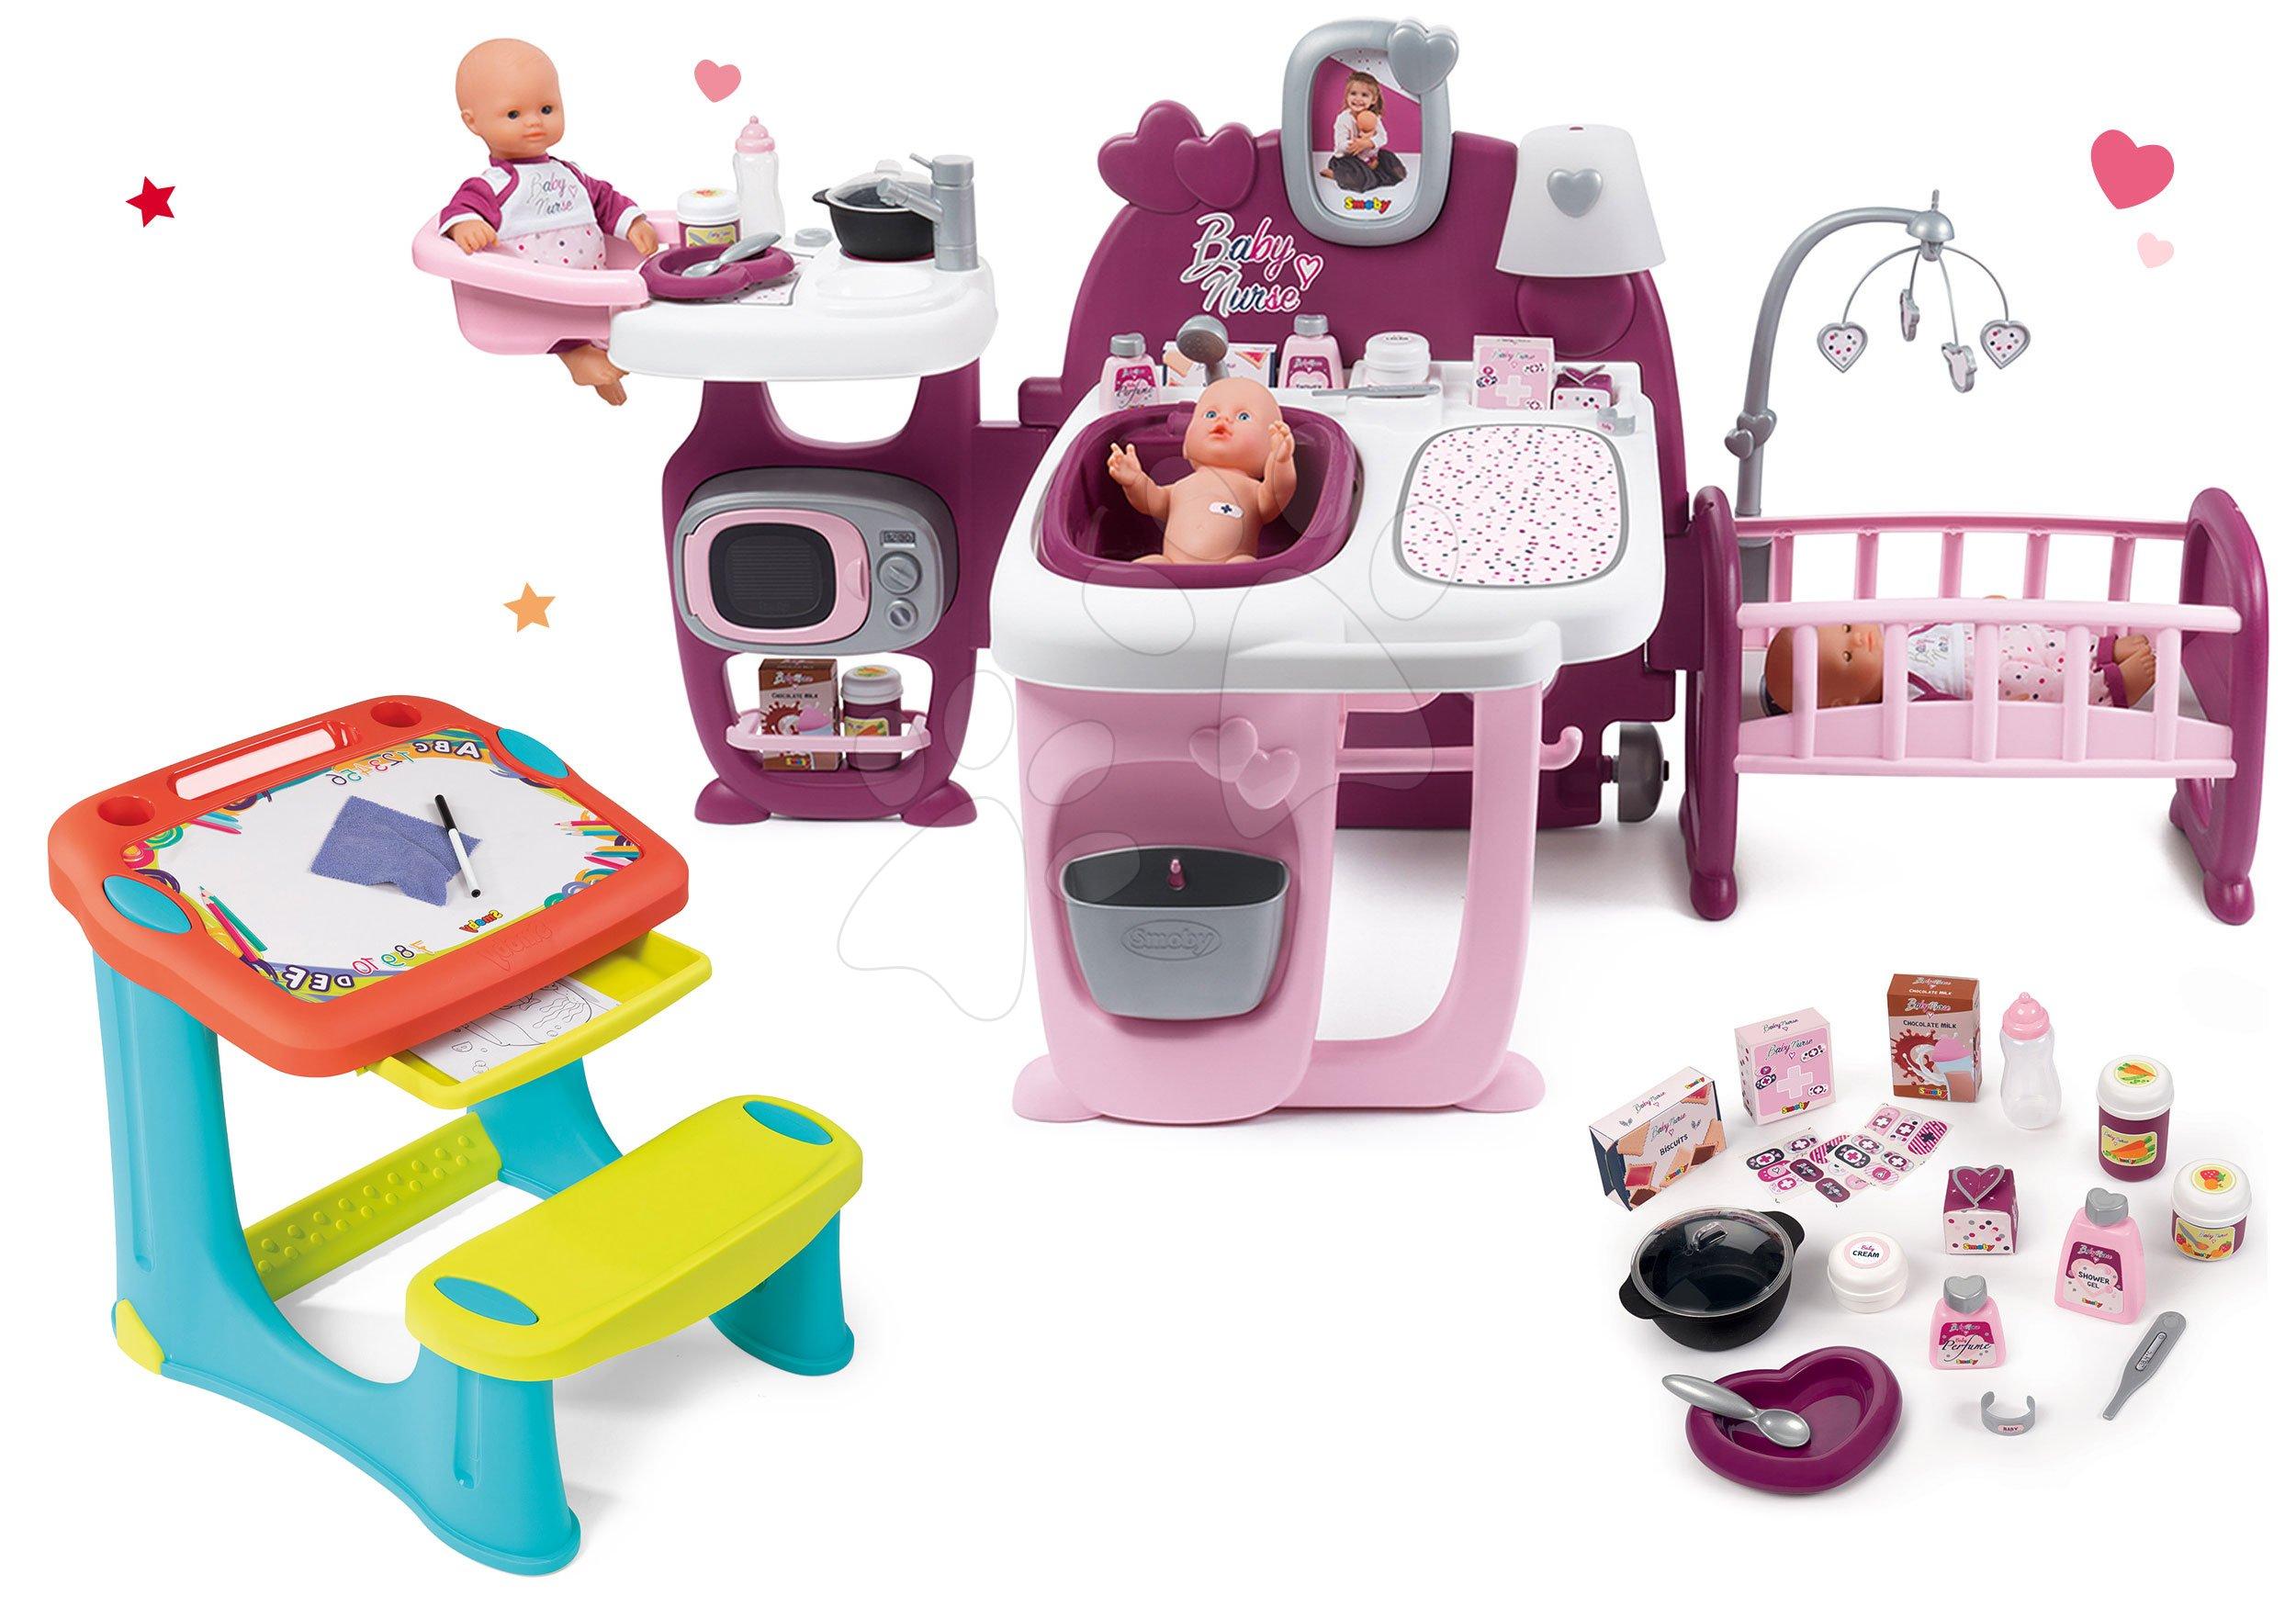 Set domeček pro panenku Violette Baby Nurse Large Doll's Play Center Smoby a lavice na kreslení Kresli a smaž s odkládacím prostorem